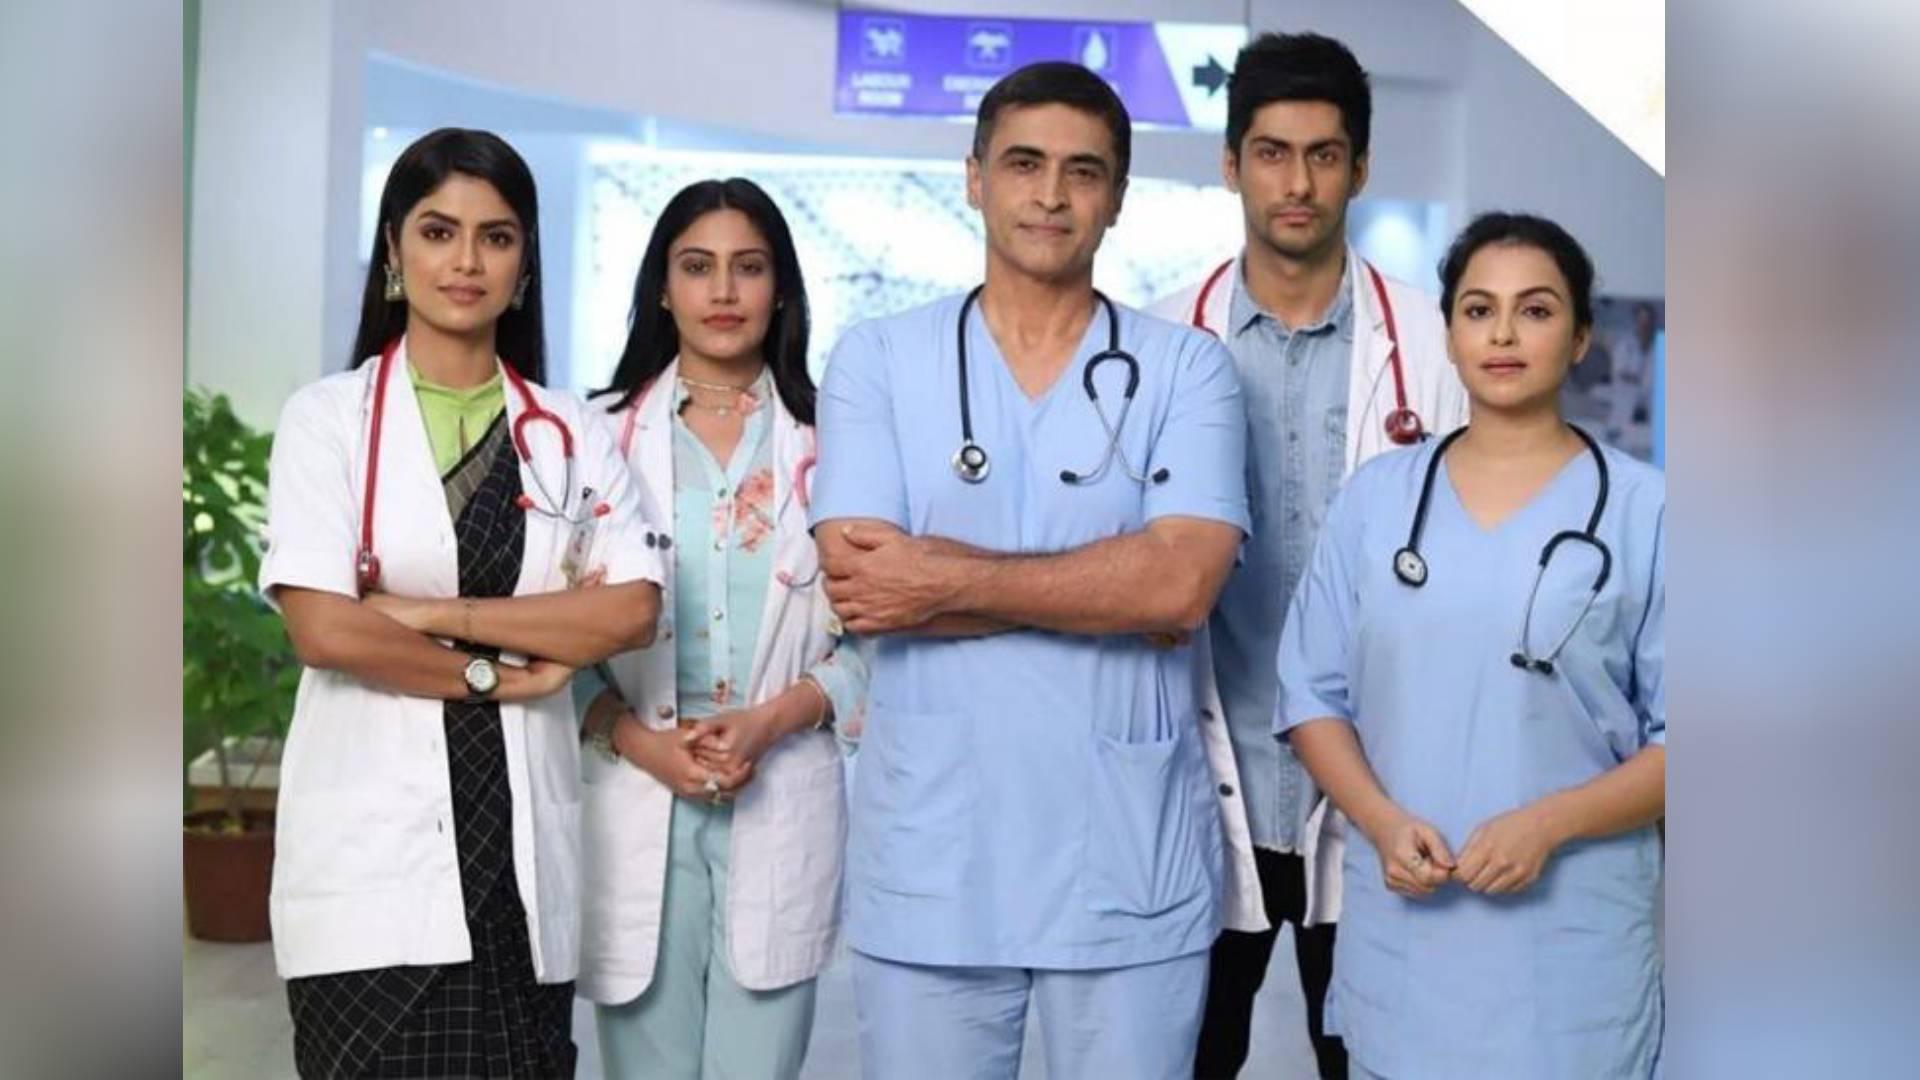 Sanjivani 2 First Look: एक जिम्मेदार डॉक्टर के रूप में नजर आईं सुरभि चंदना, पुराने सितारों का कुछ यूं मिला साथ